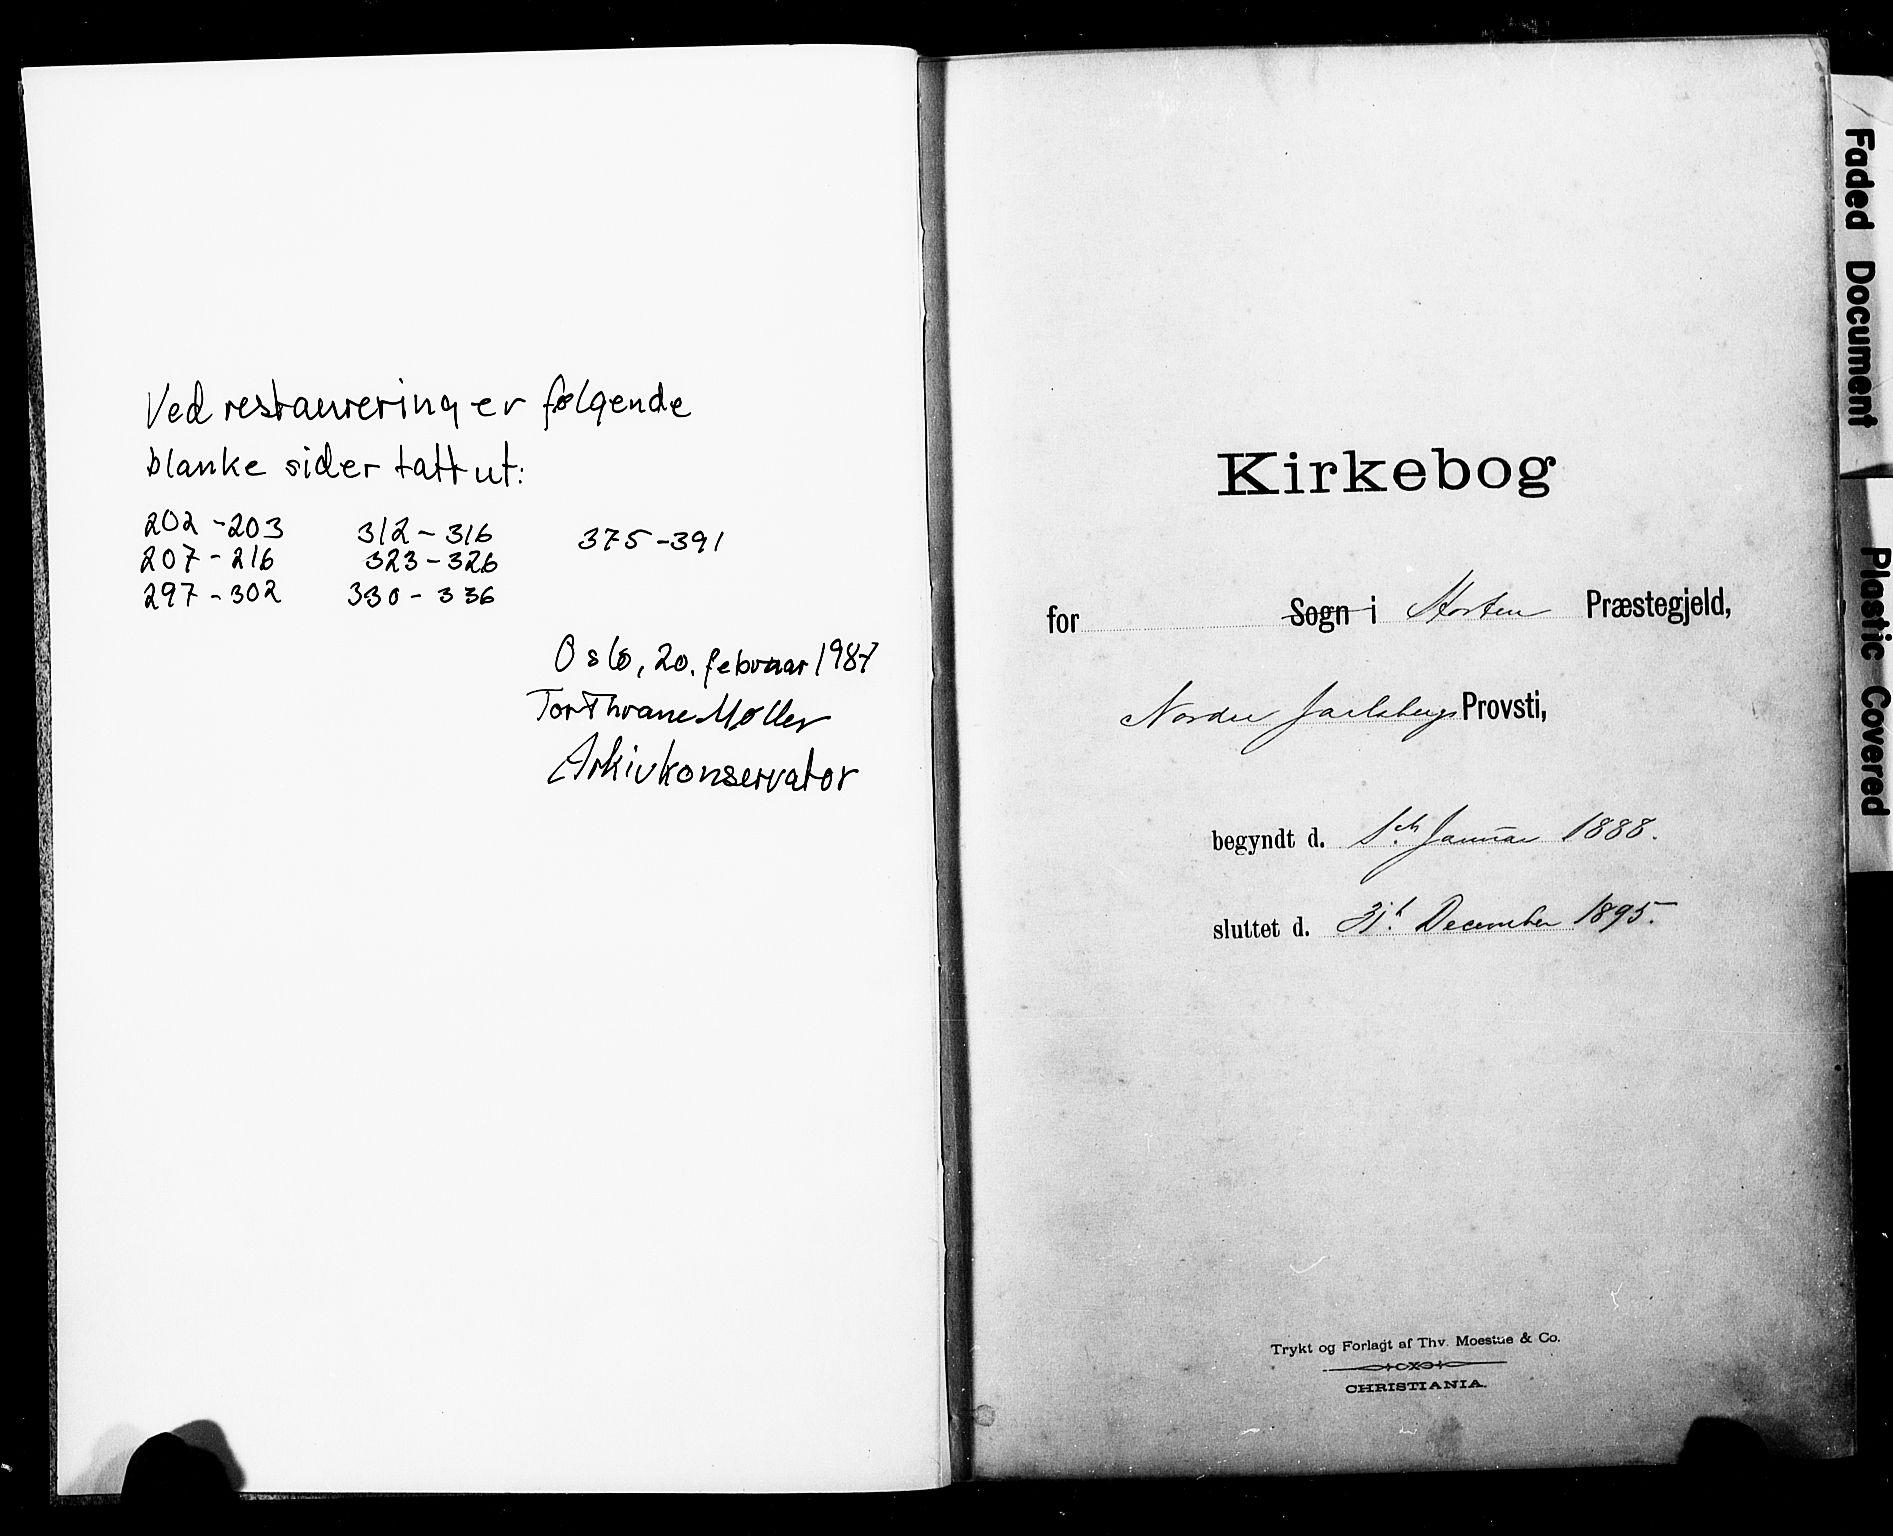 SAKO, Horten kirkebøker, F/Fa/L0004: Ministerialbok nr. 4, 1888-1895